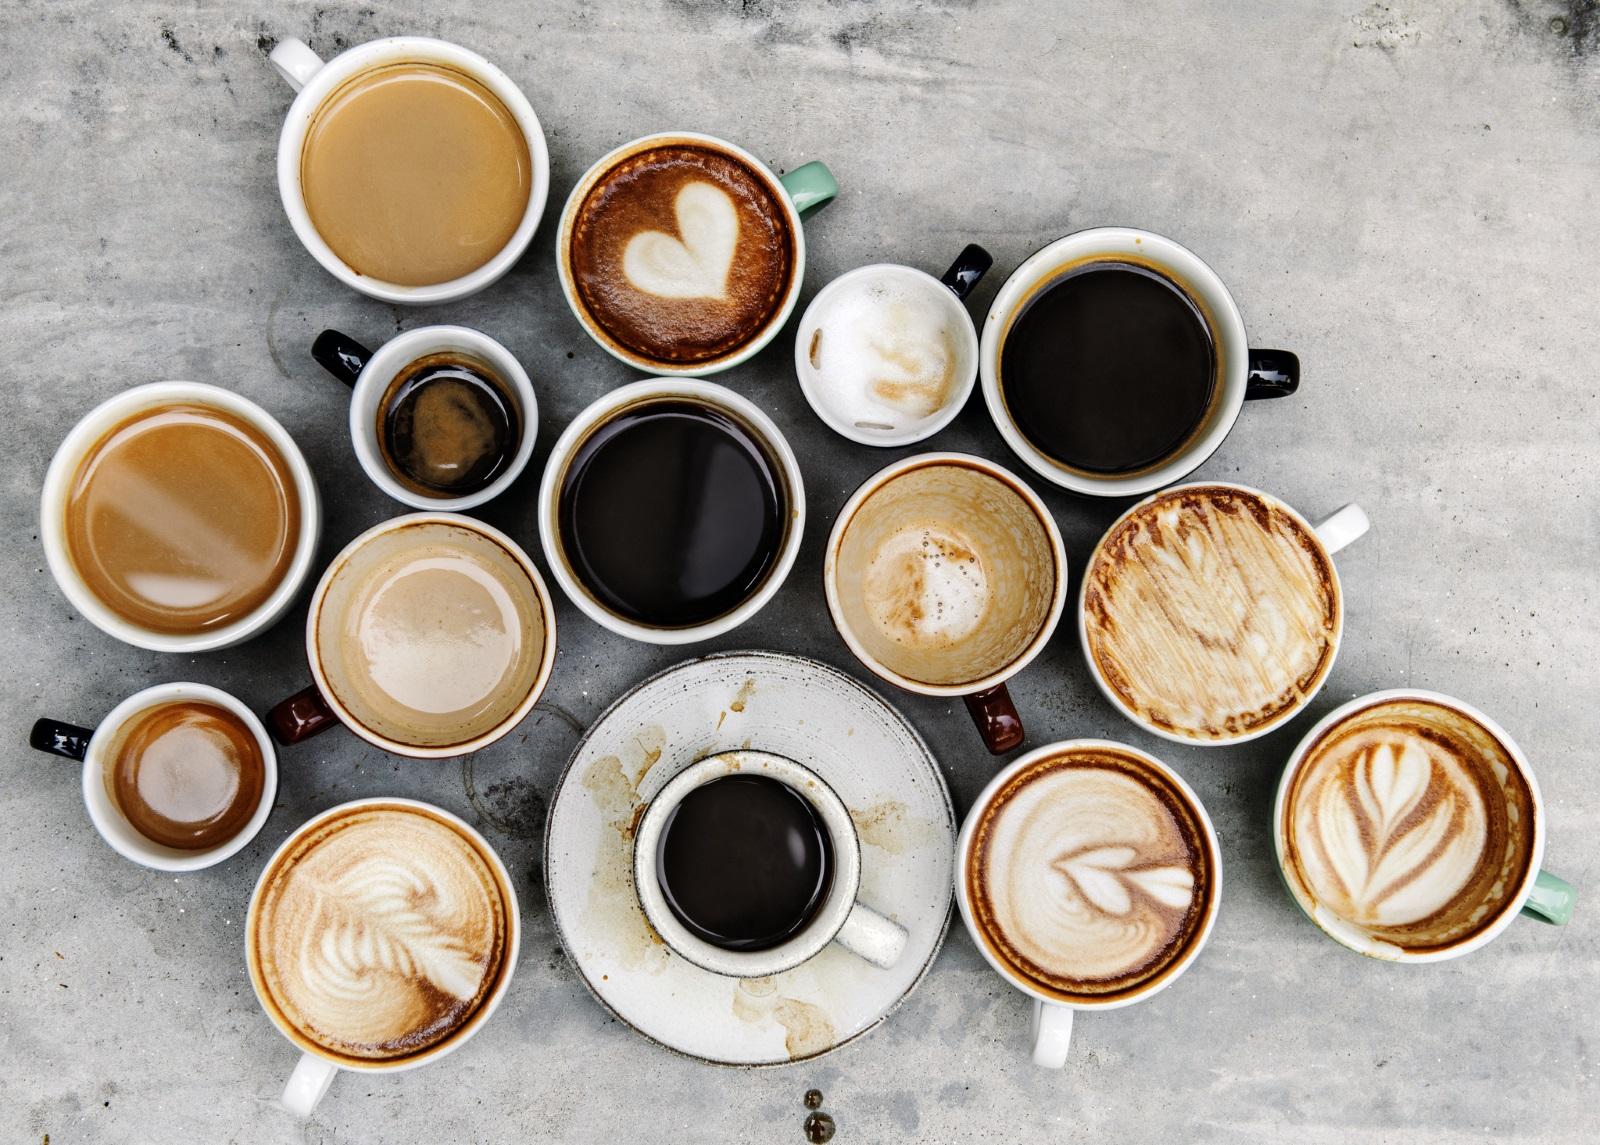 Сутрешното кафе освежава, зарежда и вдъхновява за всичко, което предстои през деня!